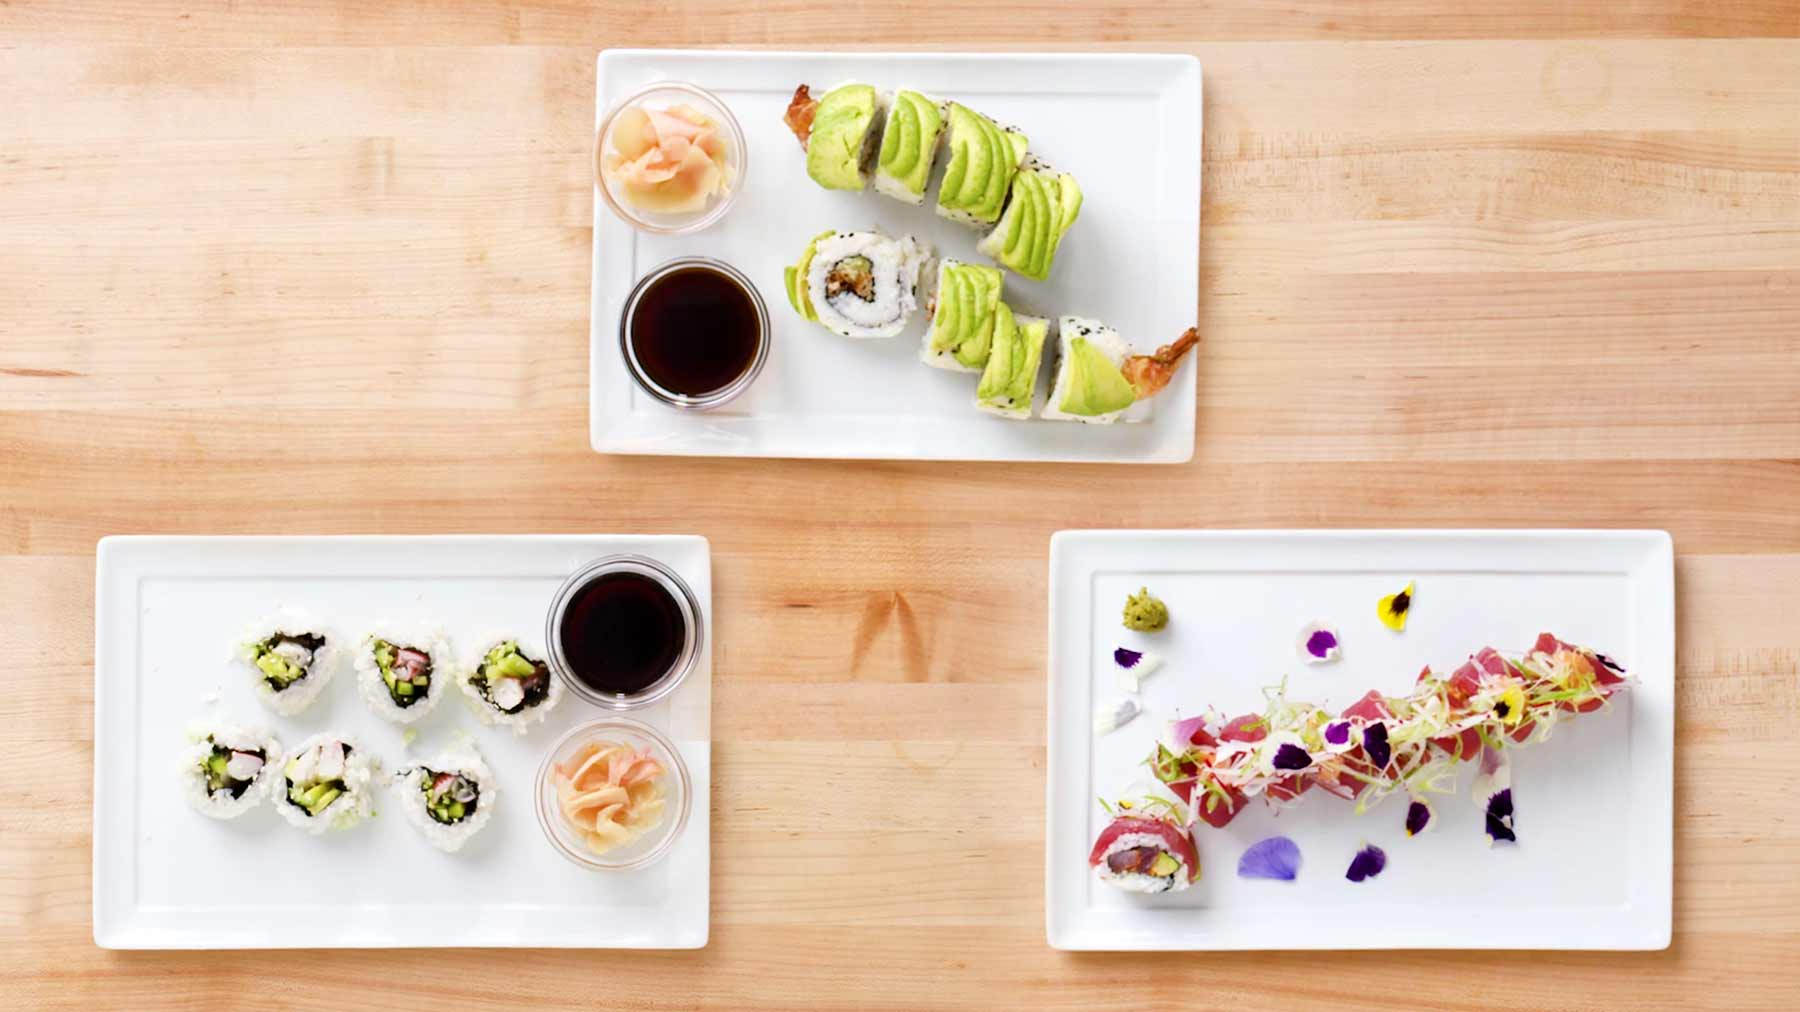 Köche unterschiedlicher Fähigkeitsstufen machen Sushi drei-arten-sushi-zu-machen